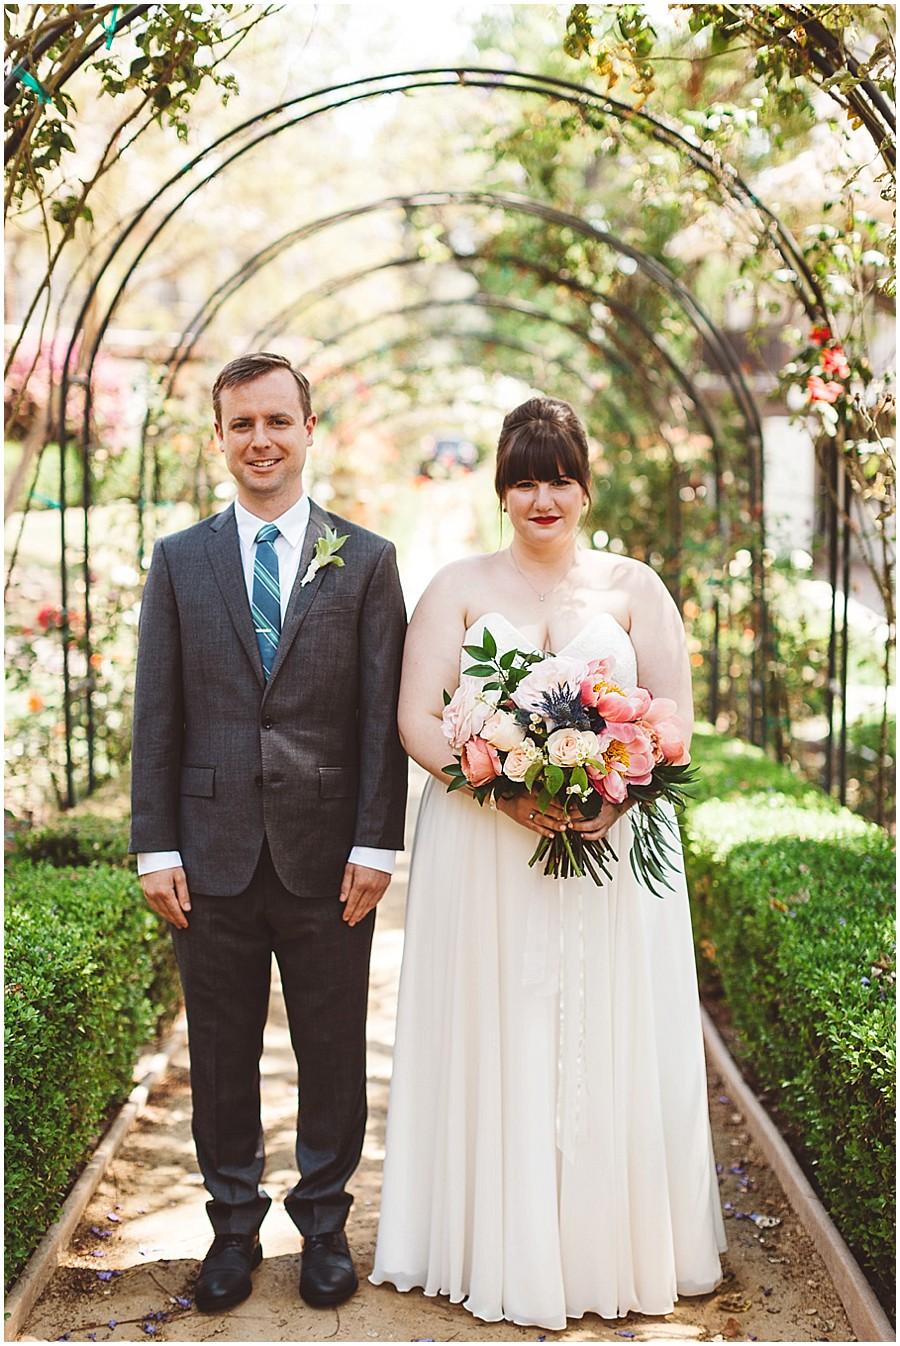 Neil+Nicole_stevecowellphoto_0015.jpg